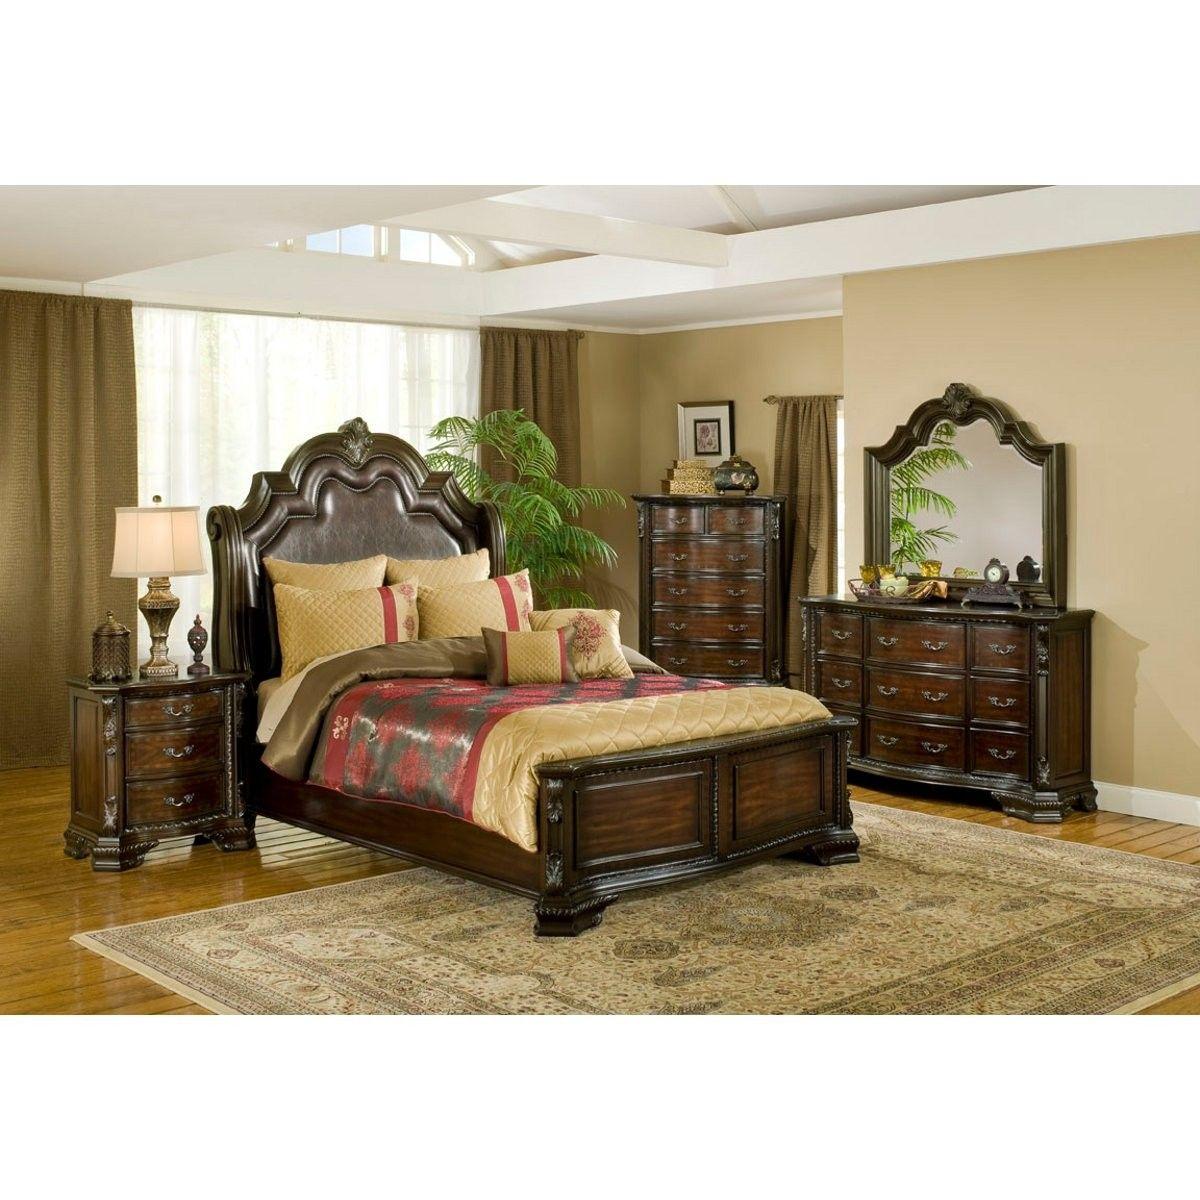 Alexandria Bedroom Bed Dresser Mirror Queen B1100 Master Bedroom Furniture Cheap Bedroom Furniture Sets Cheap Bedroom Furniture